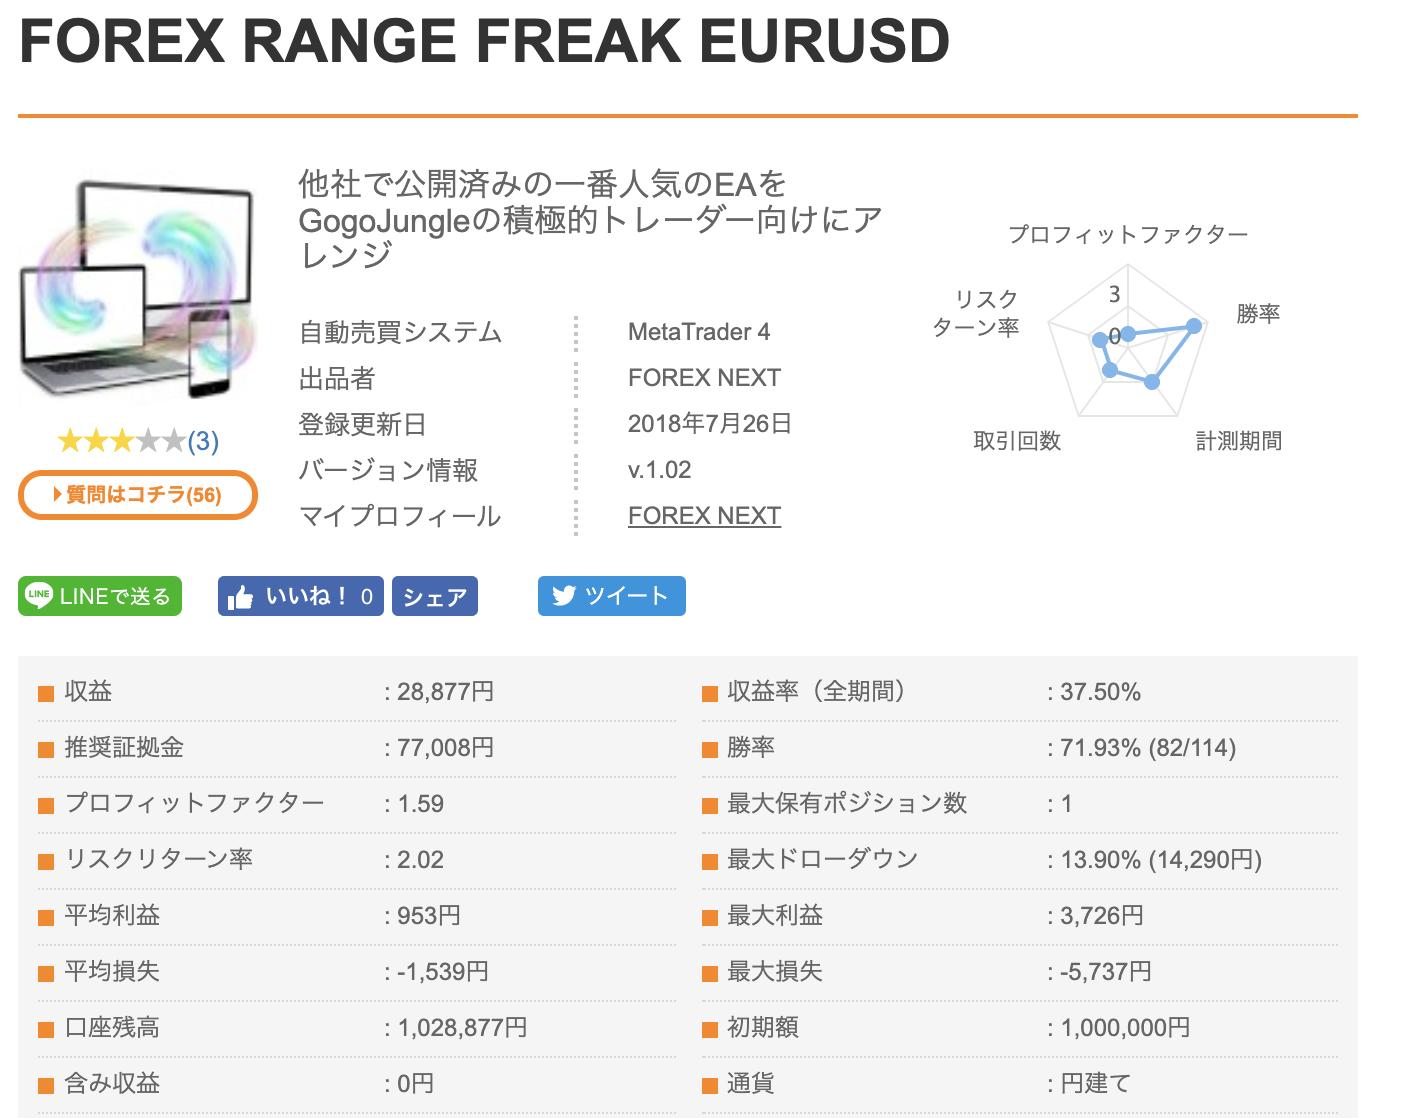 FOREX RANGE FREAK EURUSD